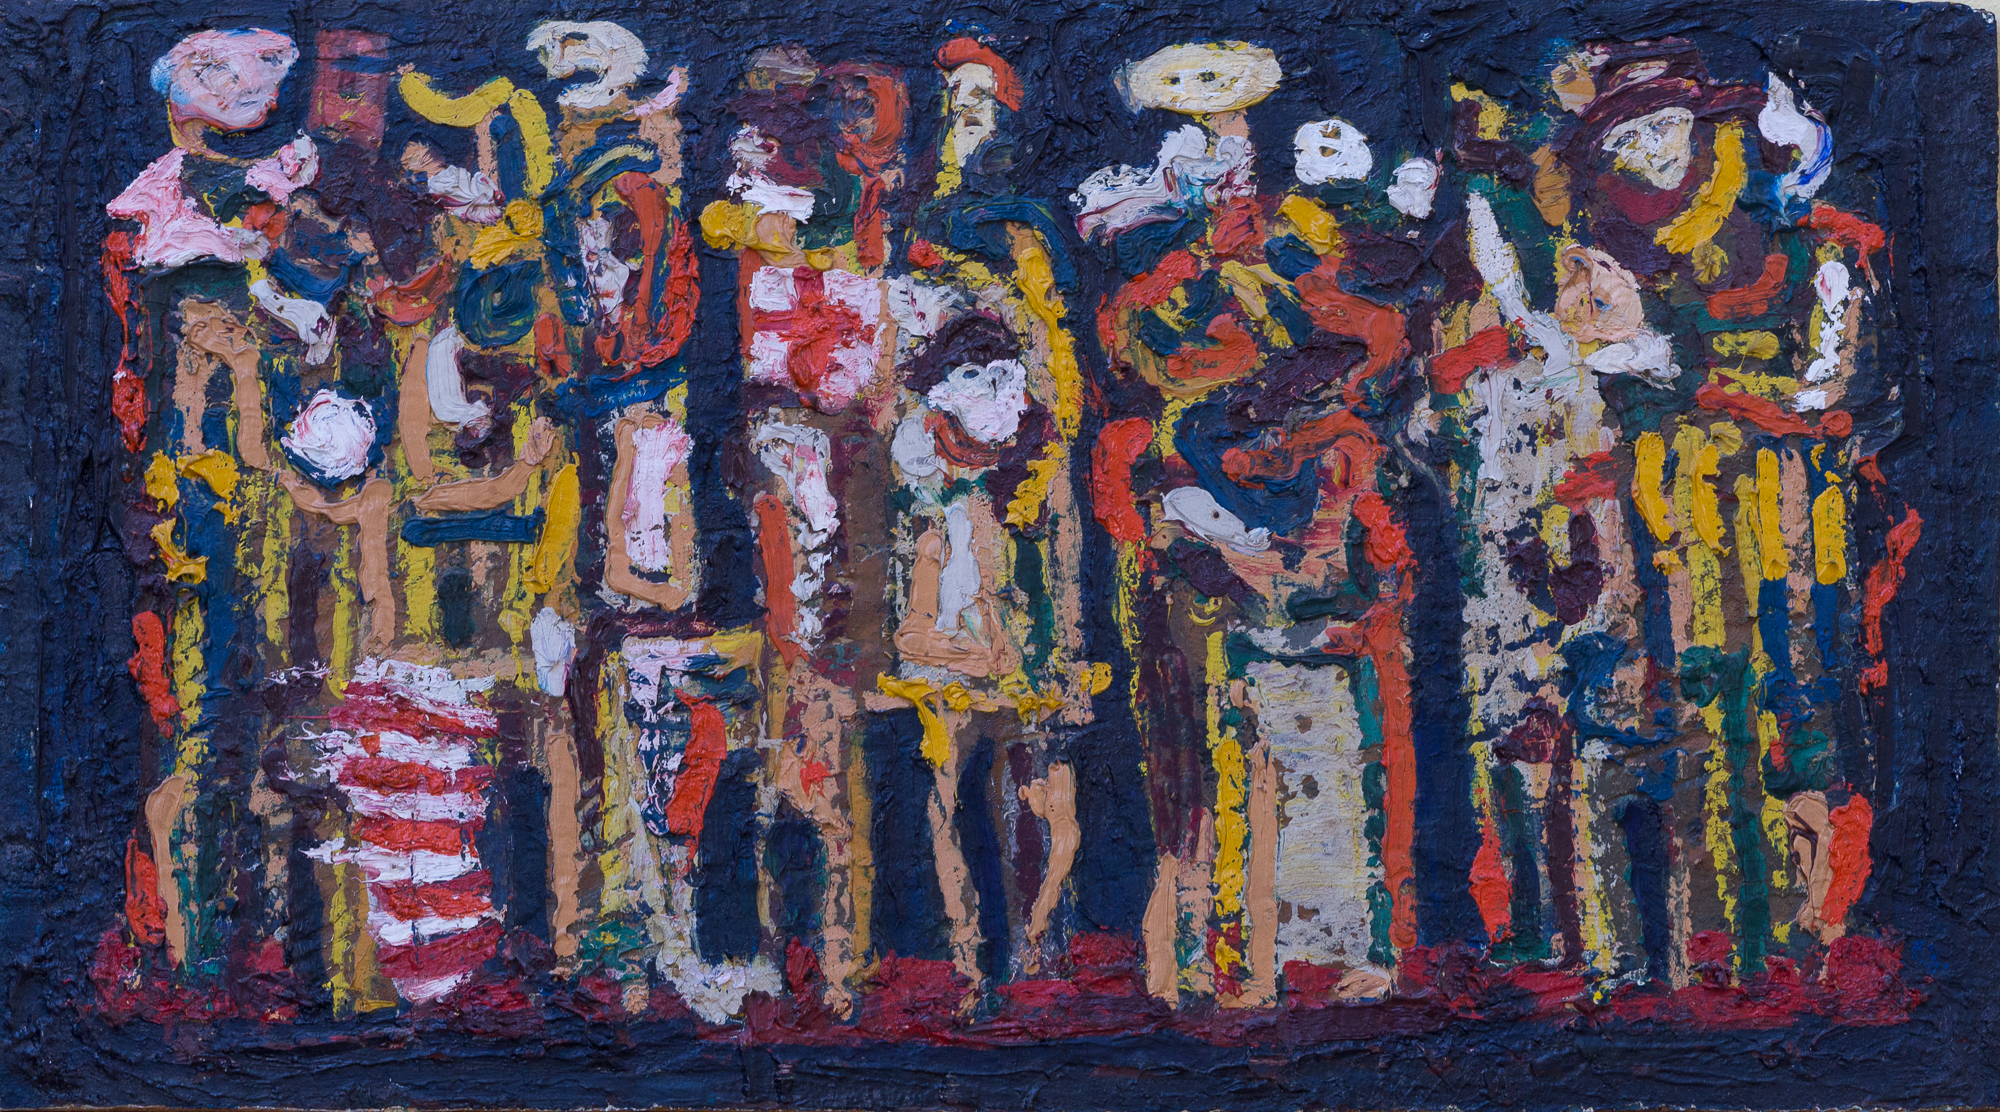 Ősi László - TÍZ FIGURA 1968 olaj, farost 22x40 - 15. parafrázis